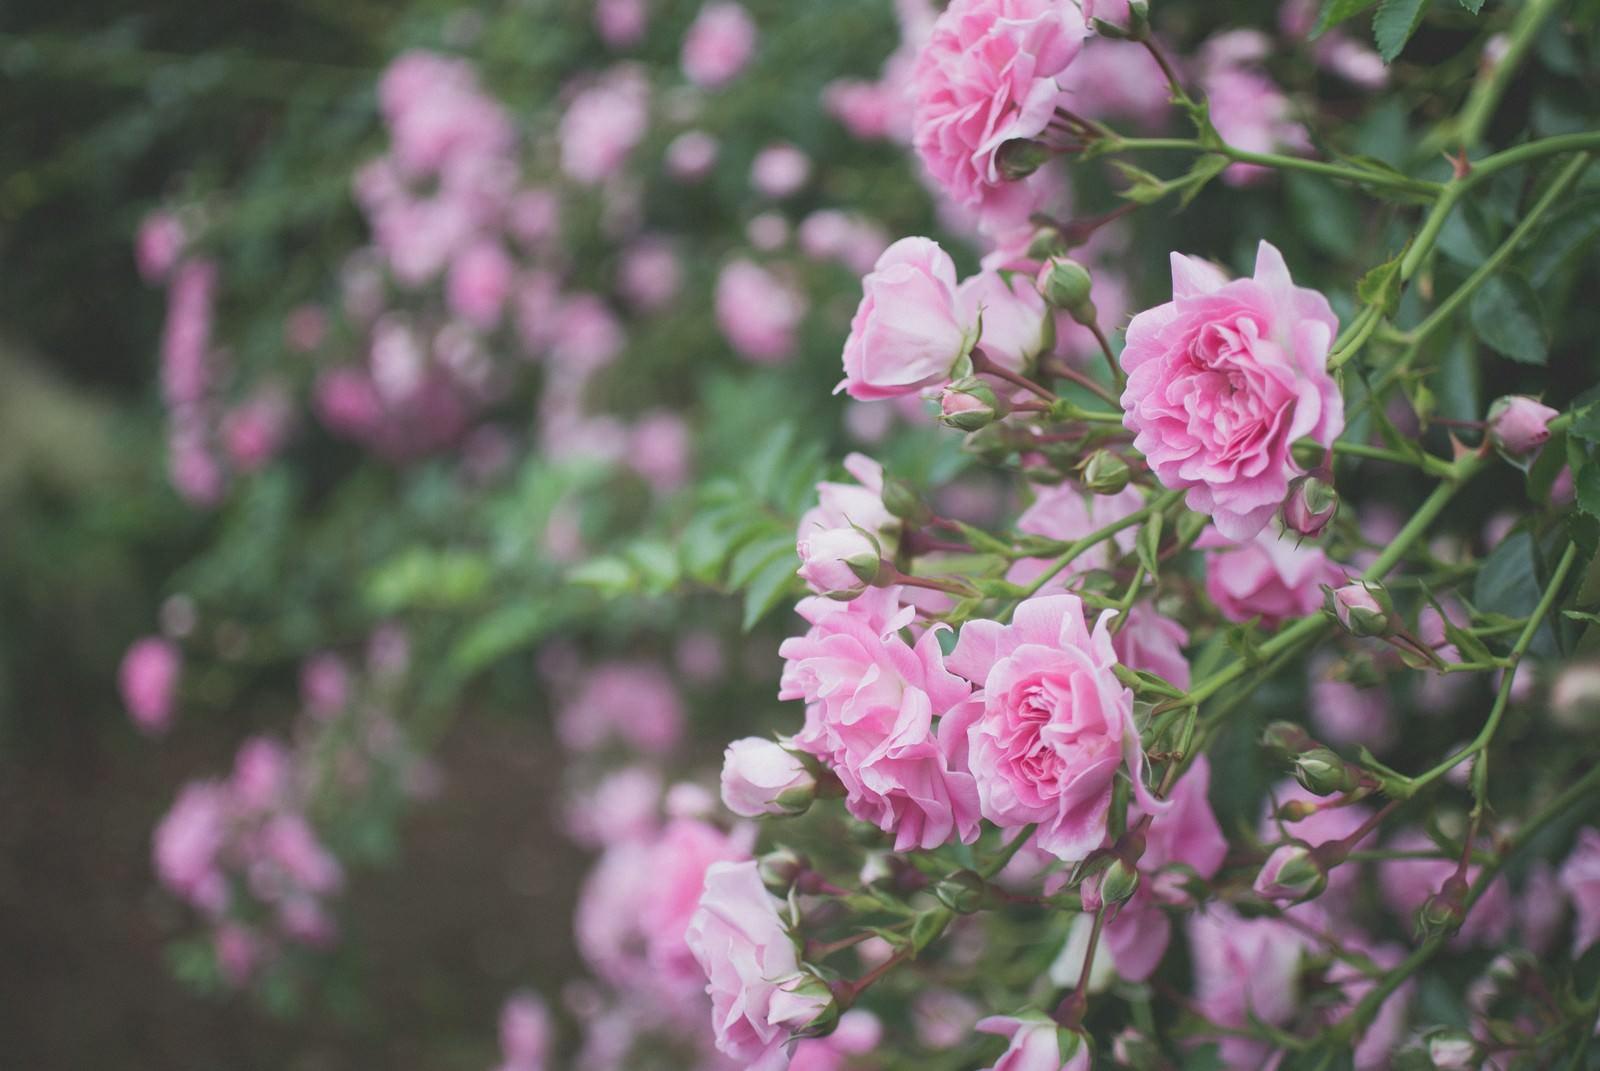 「枝垂れて咲くバラ」の写真